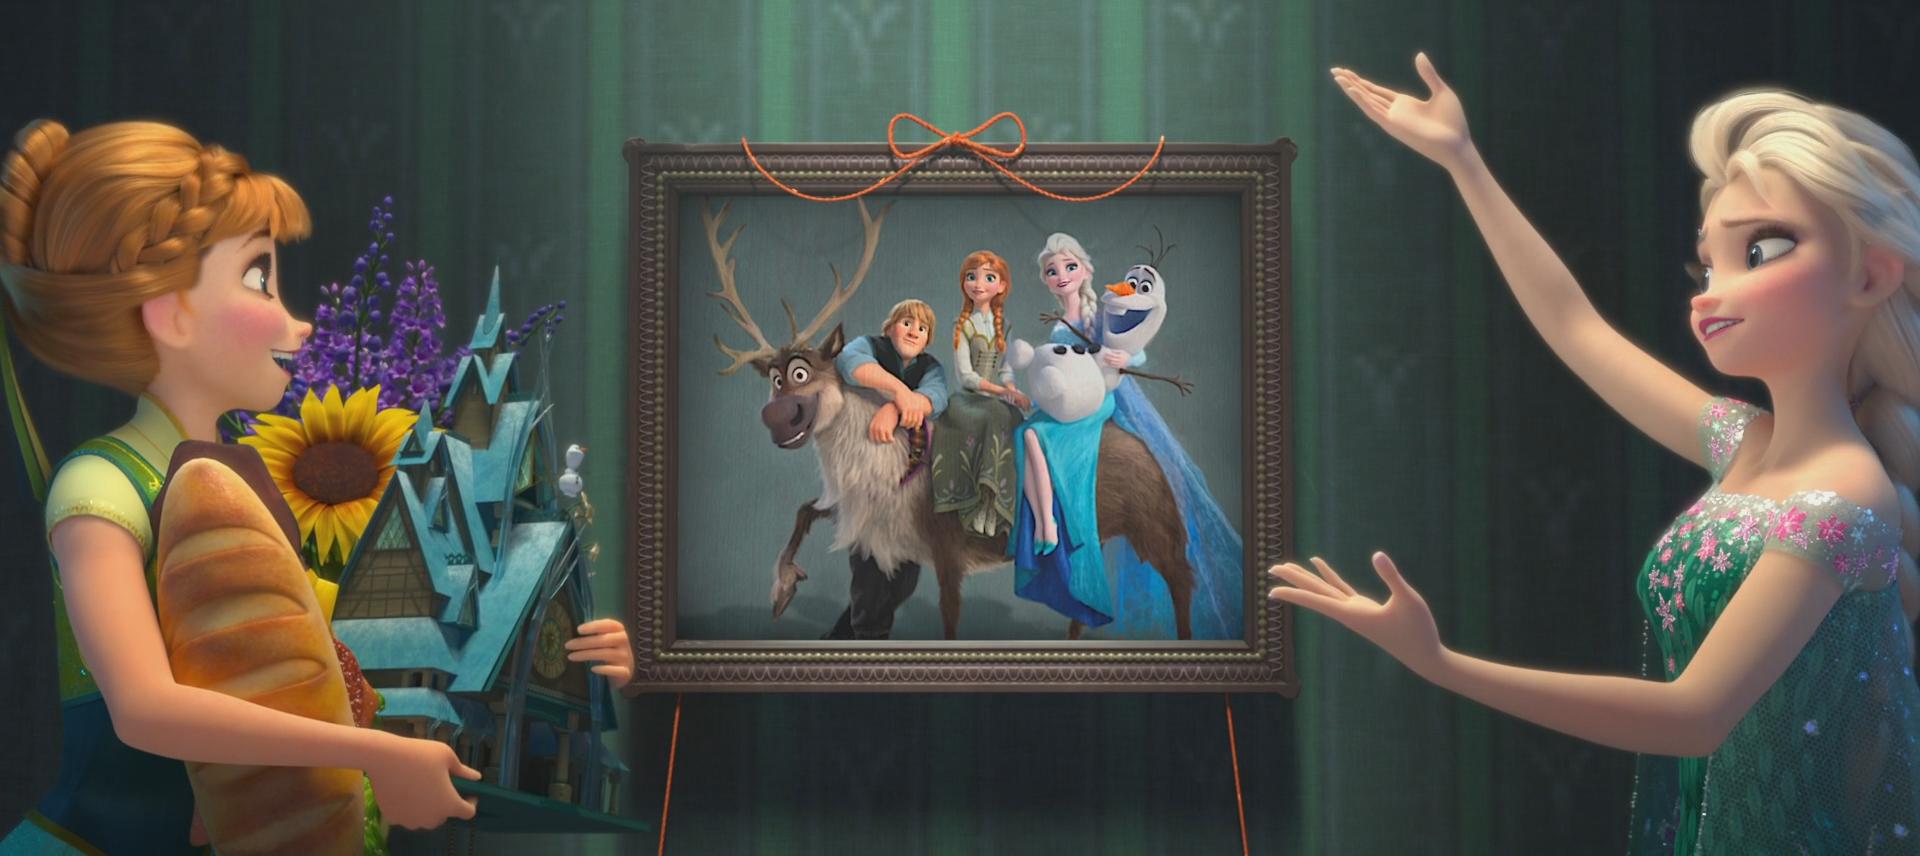 Image la reine des neiges une f te givr e anna elsa - Elsa la reine ...